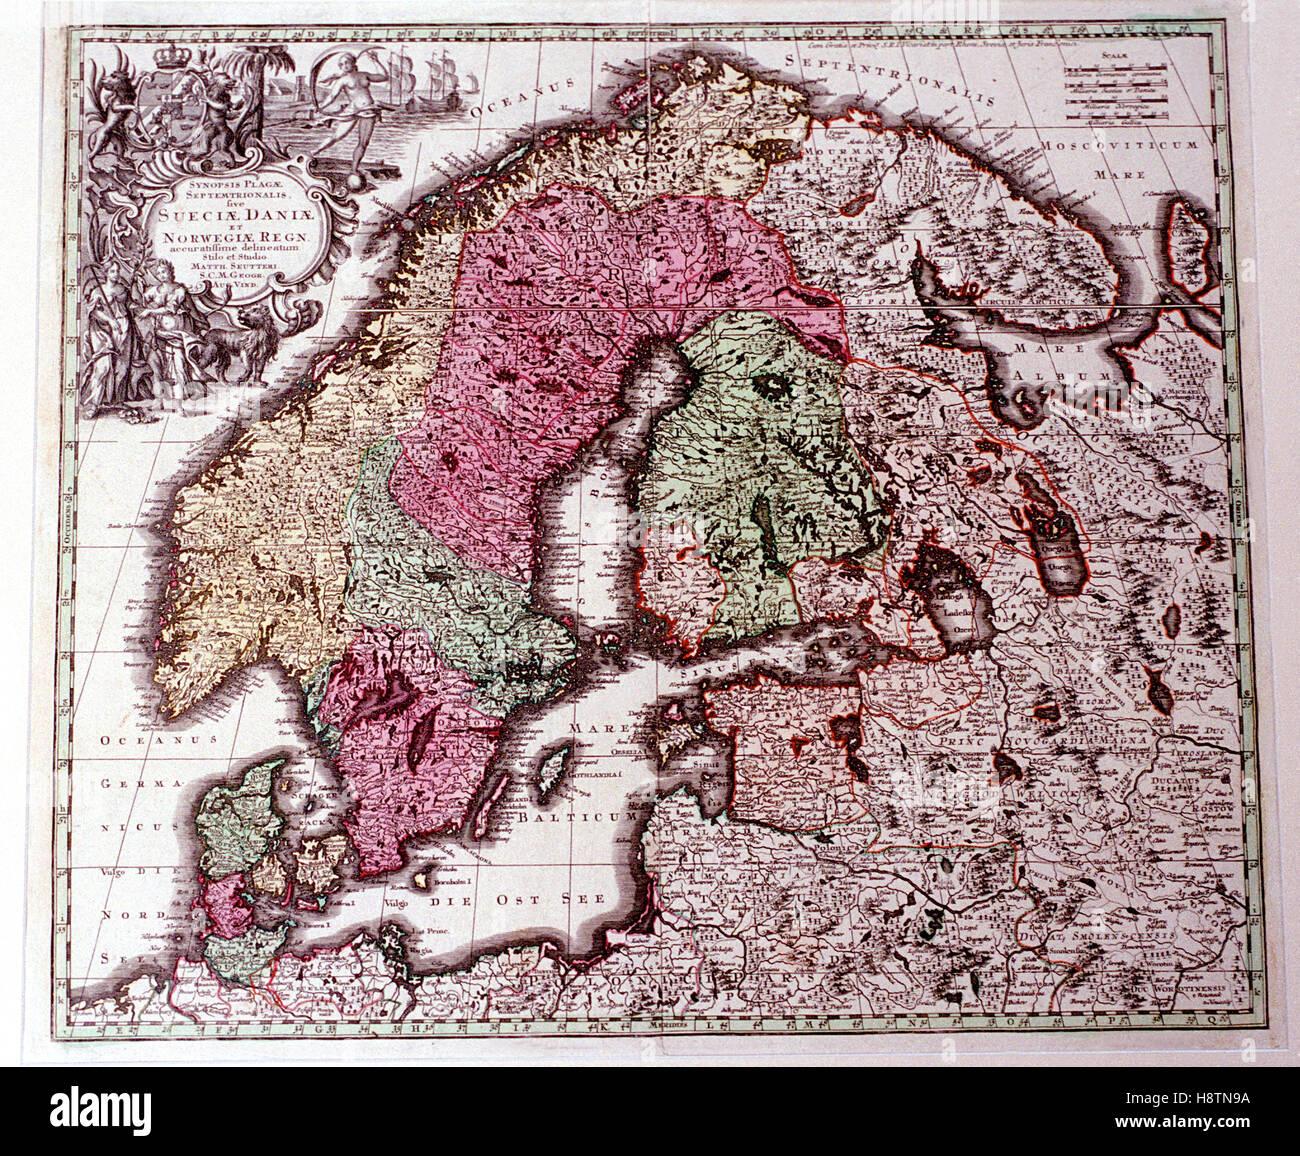 ALTE Karte von den nordischen Ländern in den 1600er Jahren Stockfoto